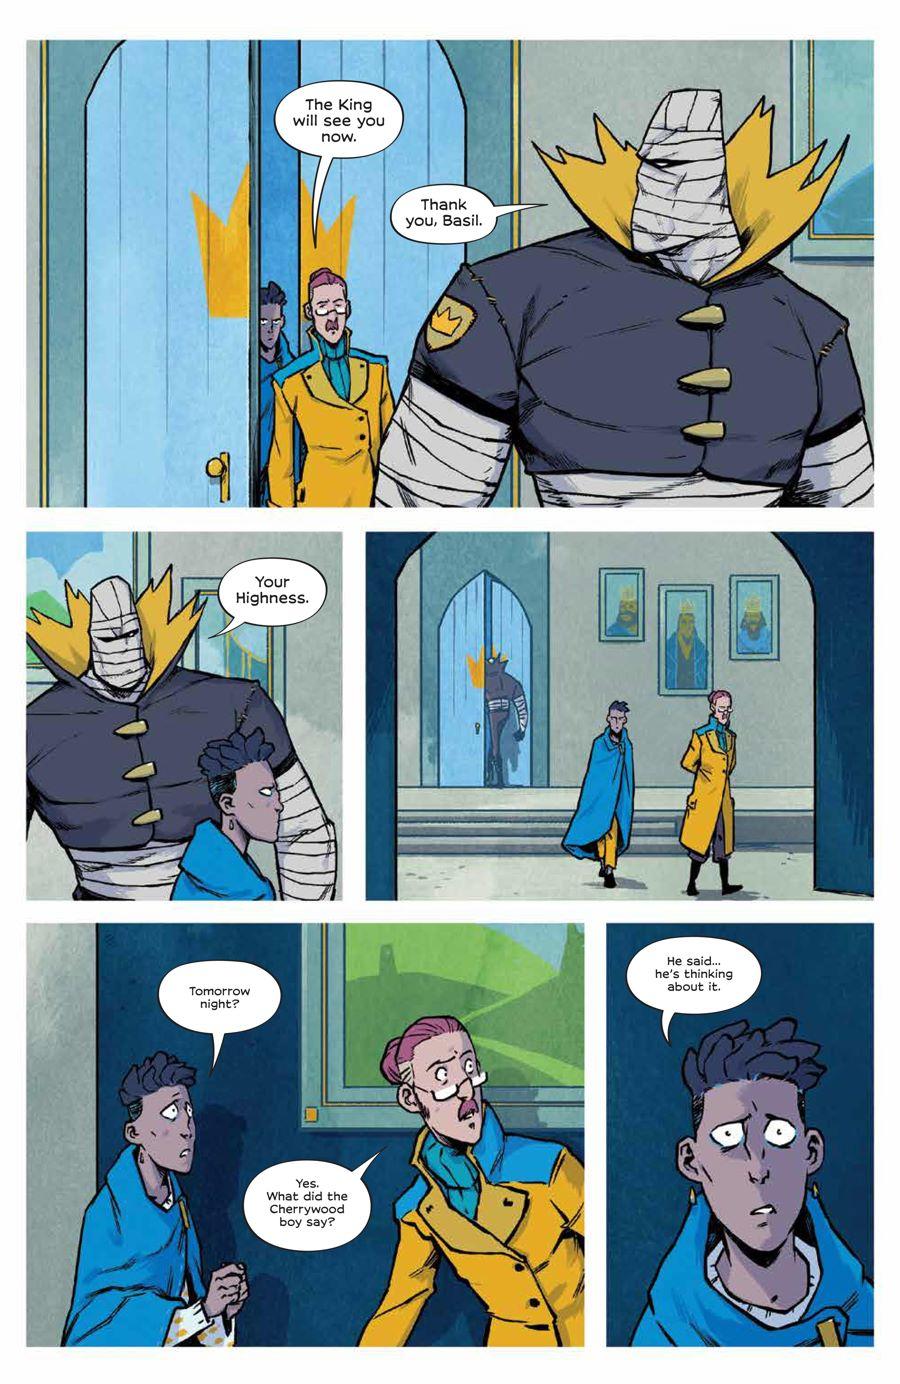 Wynd_002_PRESS_6 ComicList Previews: WYND #2